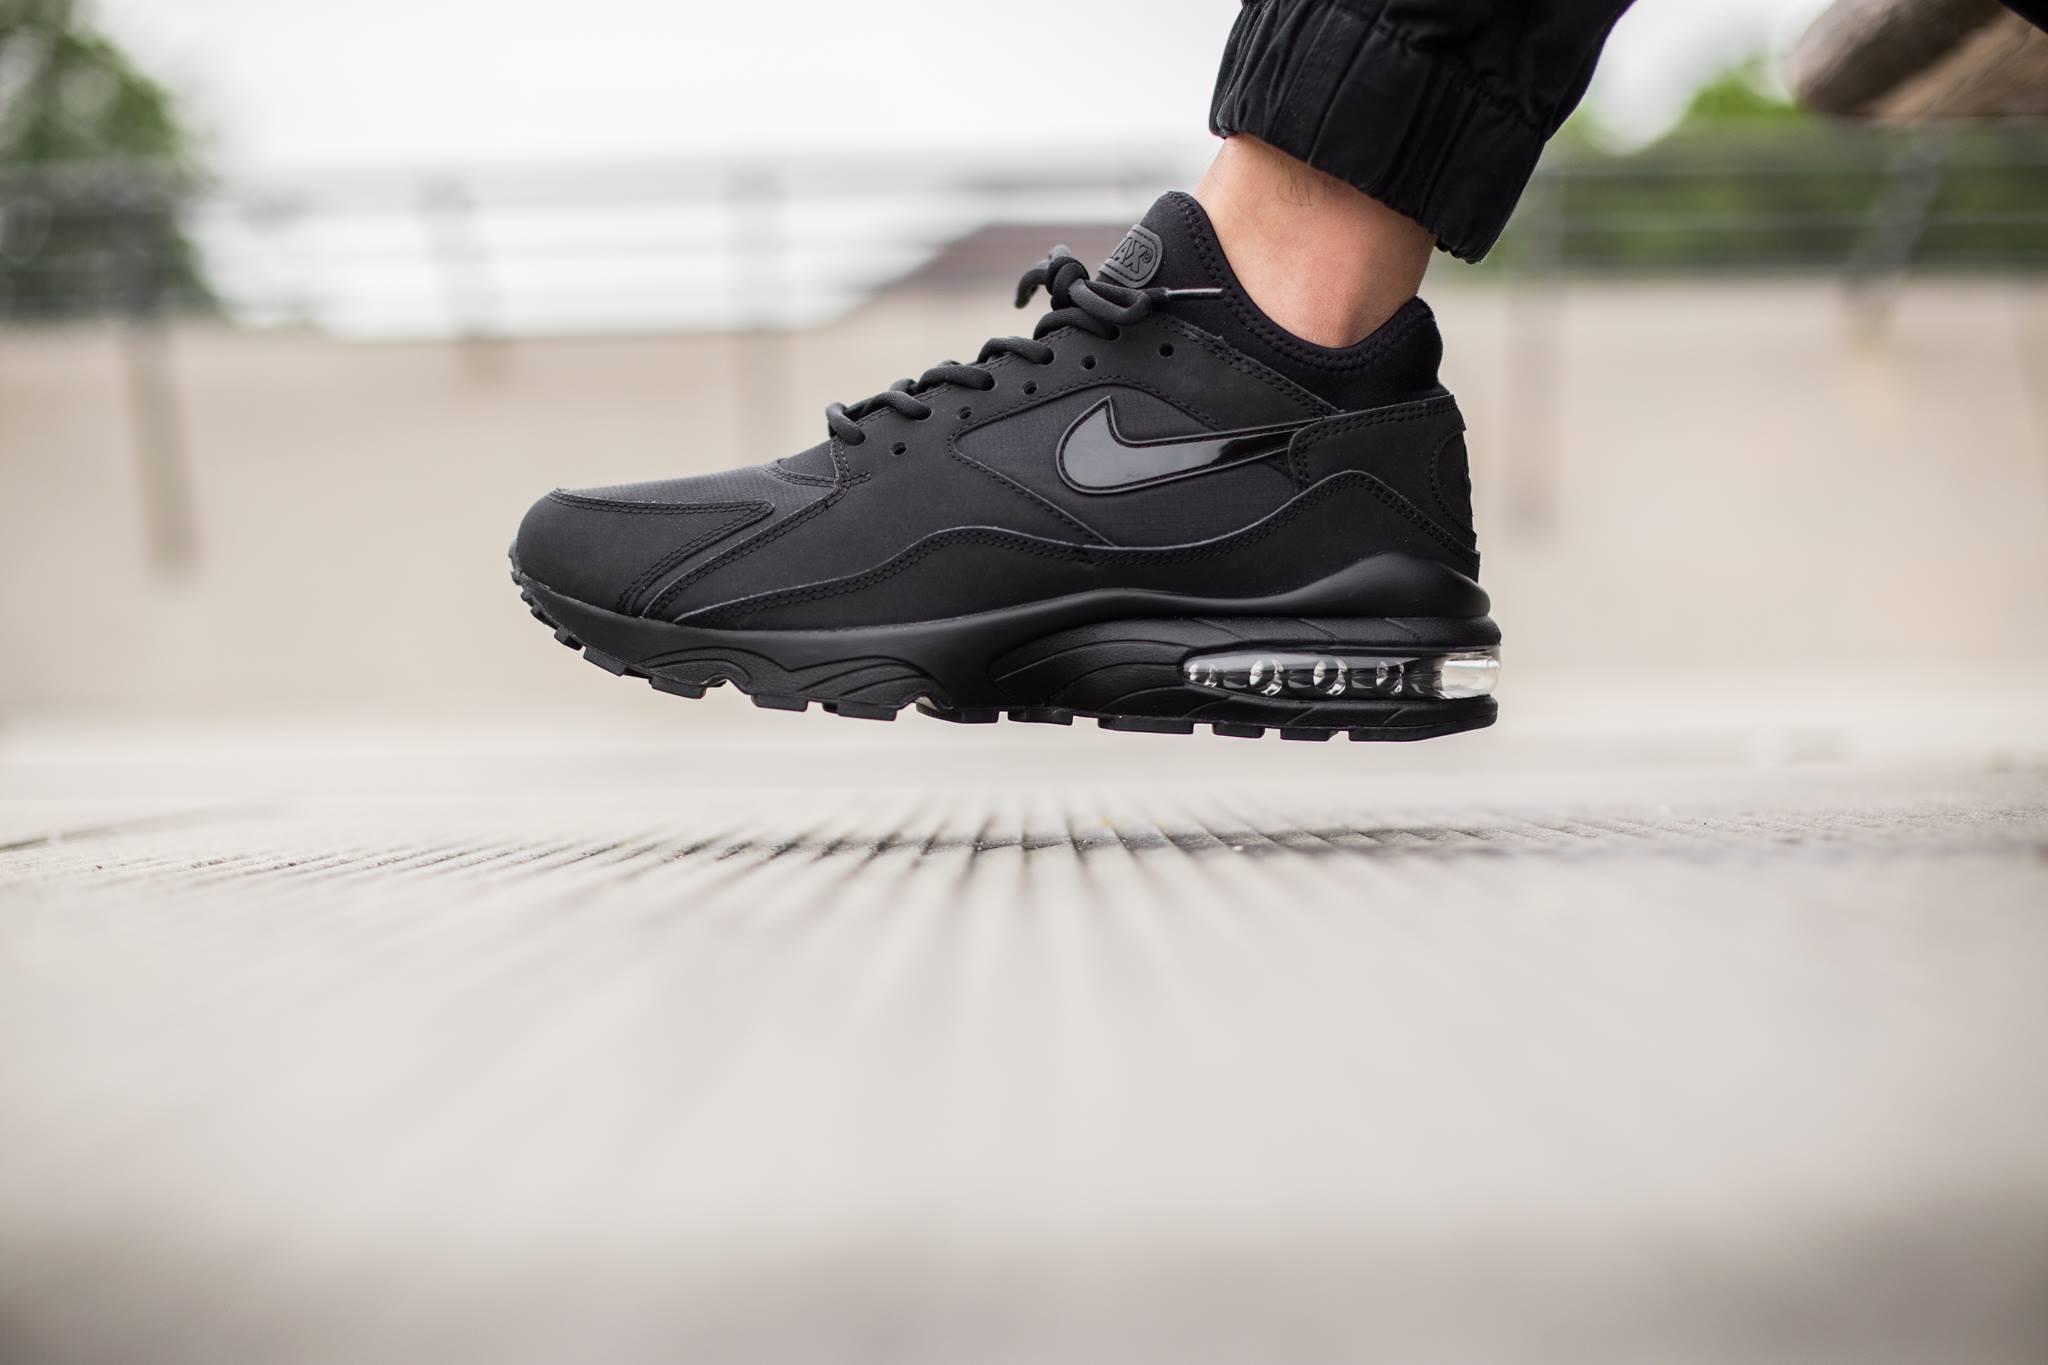 Nike Air Max 93 Triple Black Sneakers Addict